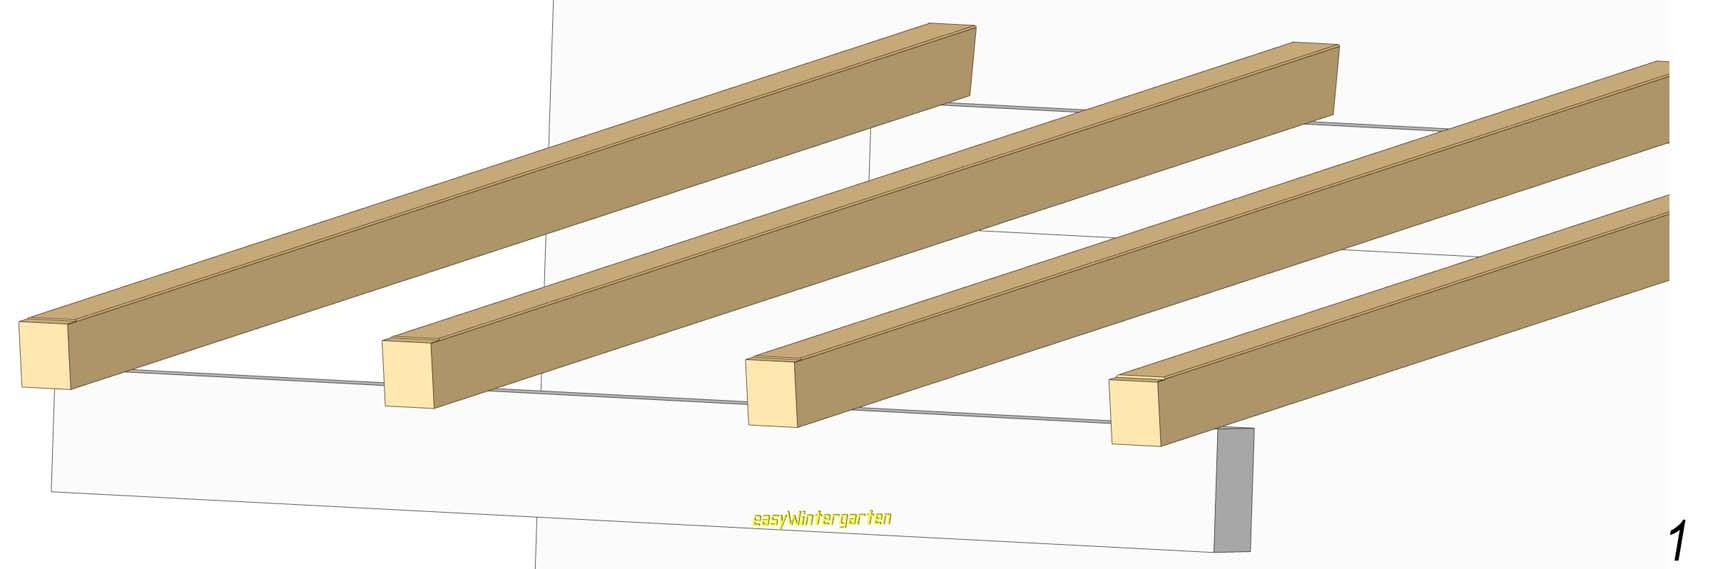 terrassenueberdachung selber bauen mit glasdach, Moderne